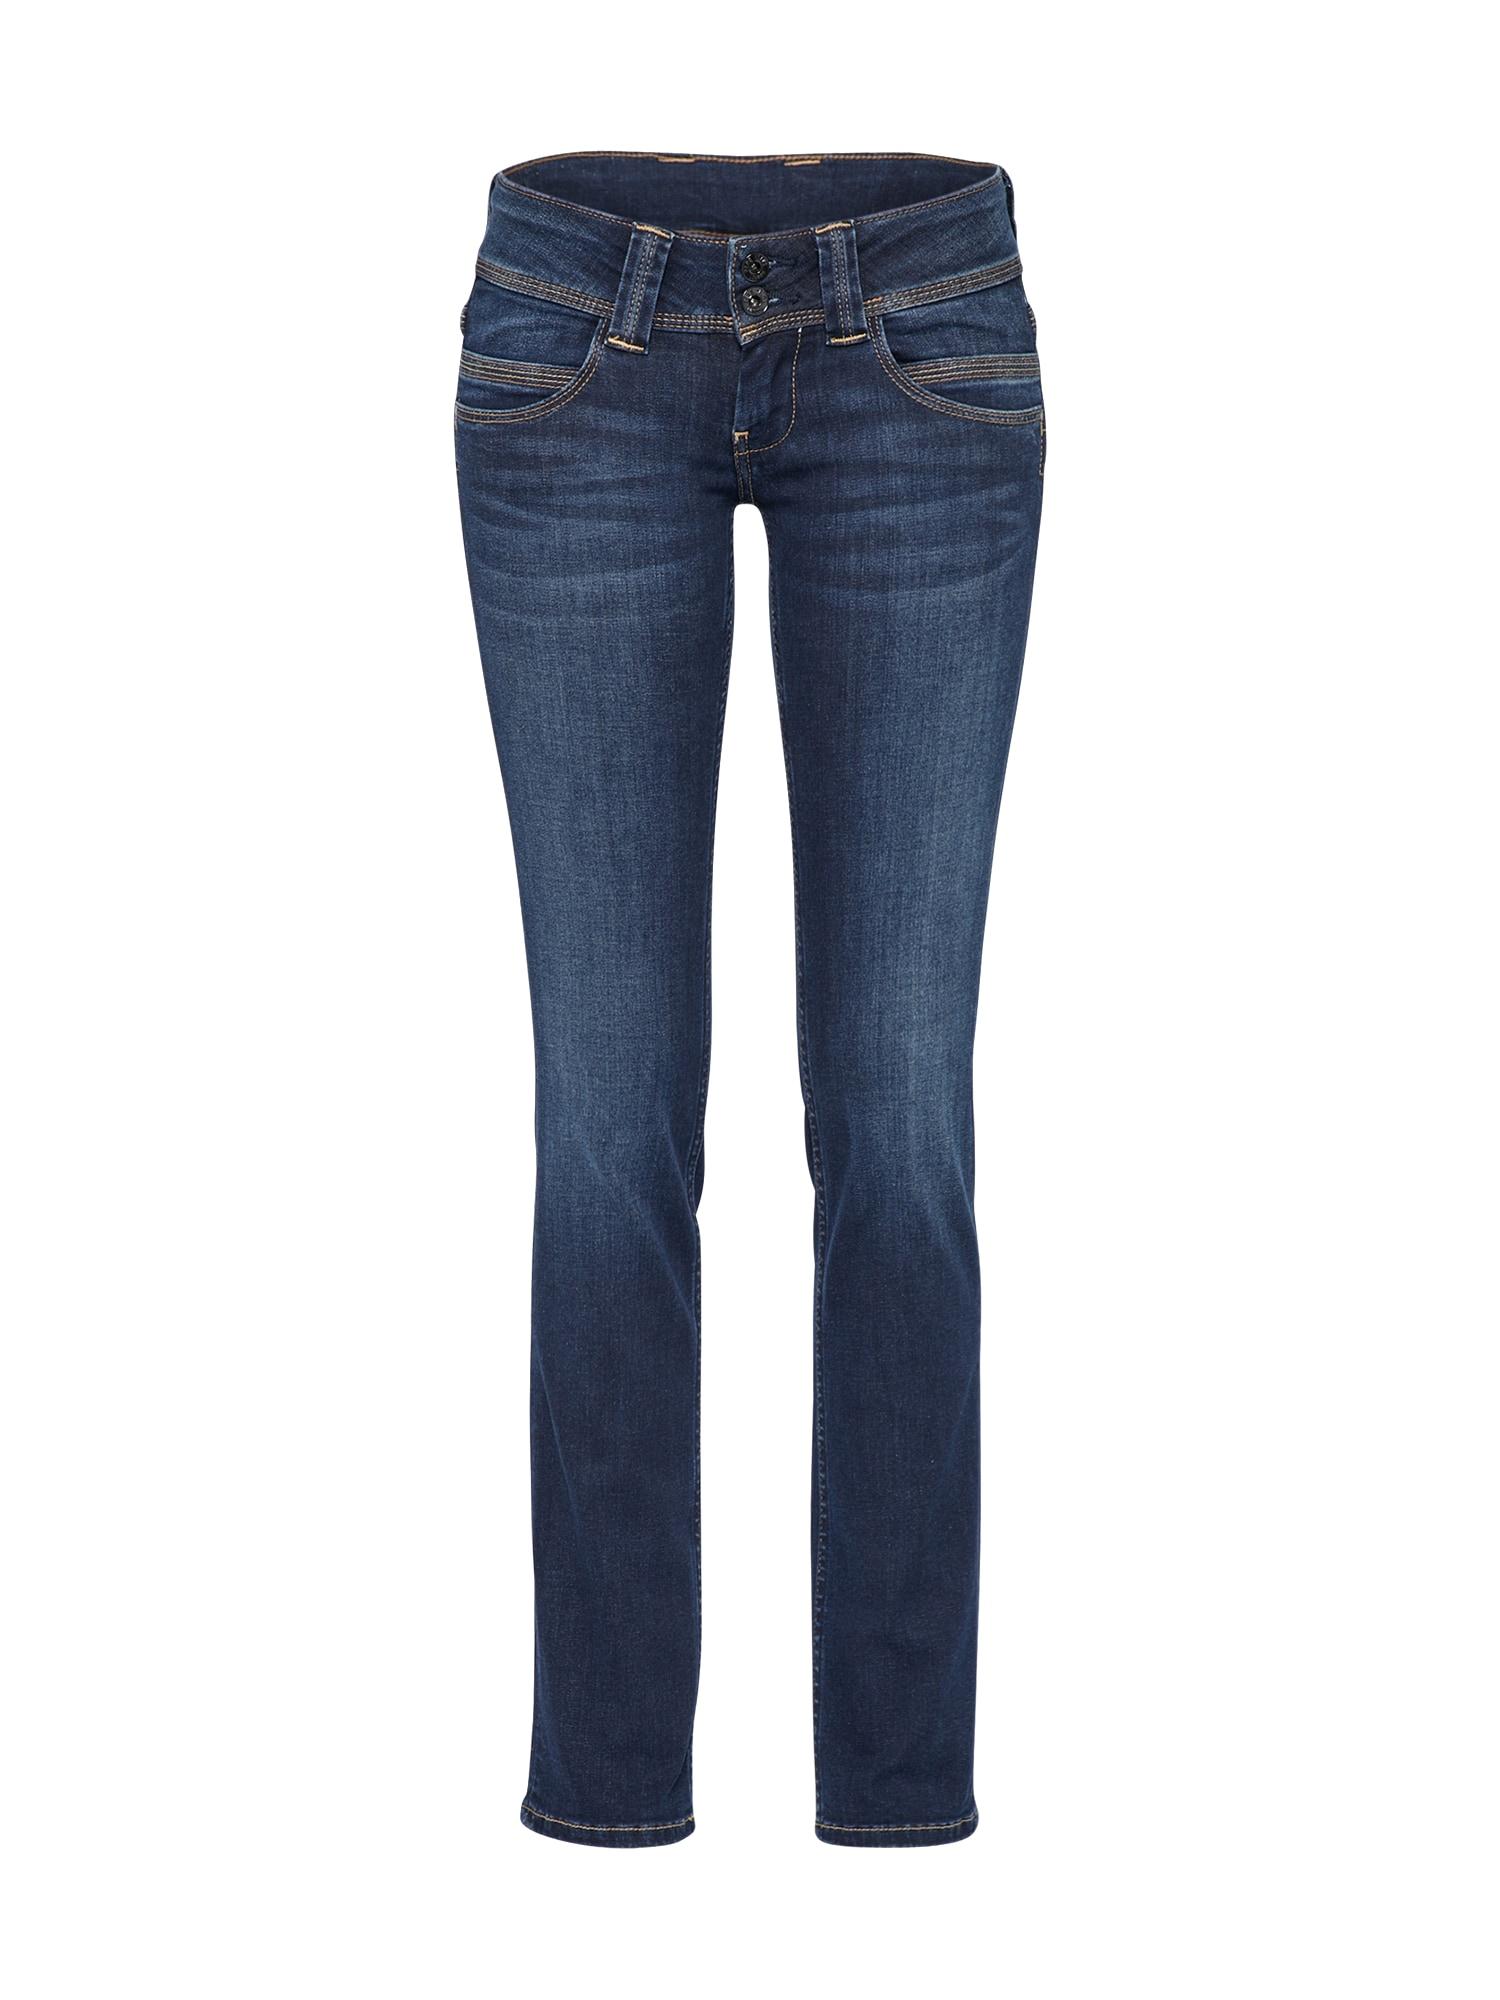 Pepe Jeans Džínsy 'Venus'  modrá denim